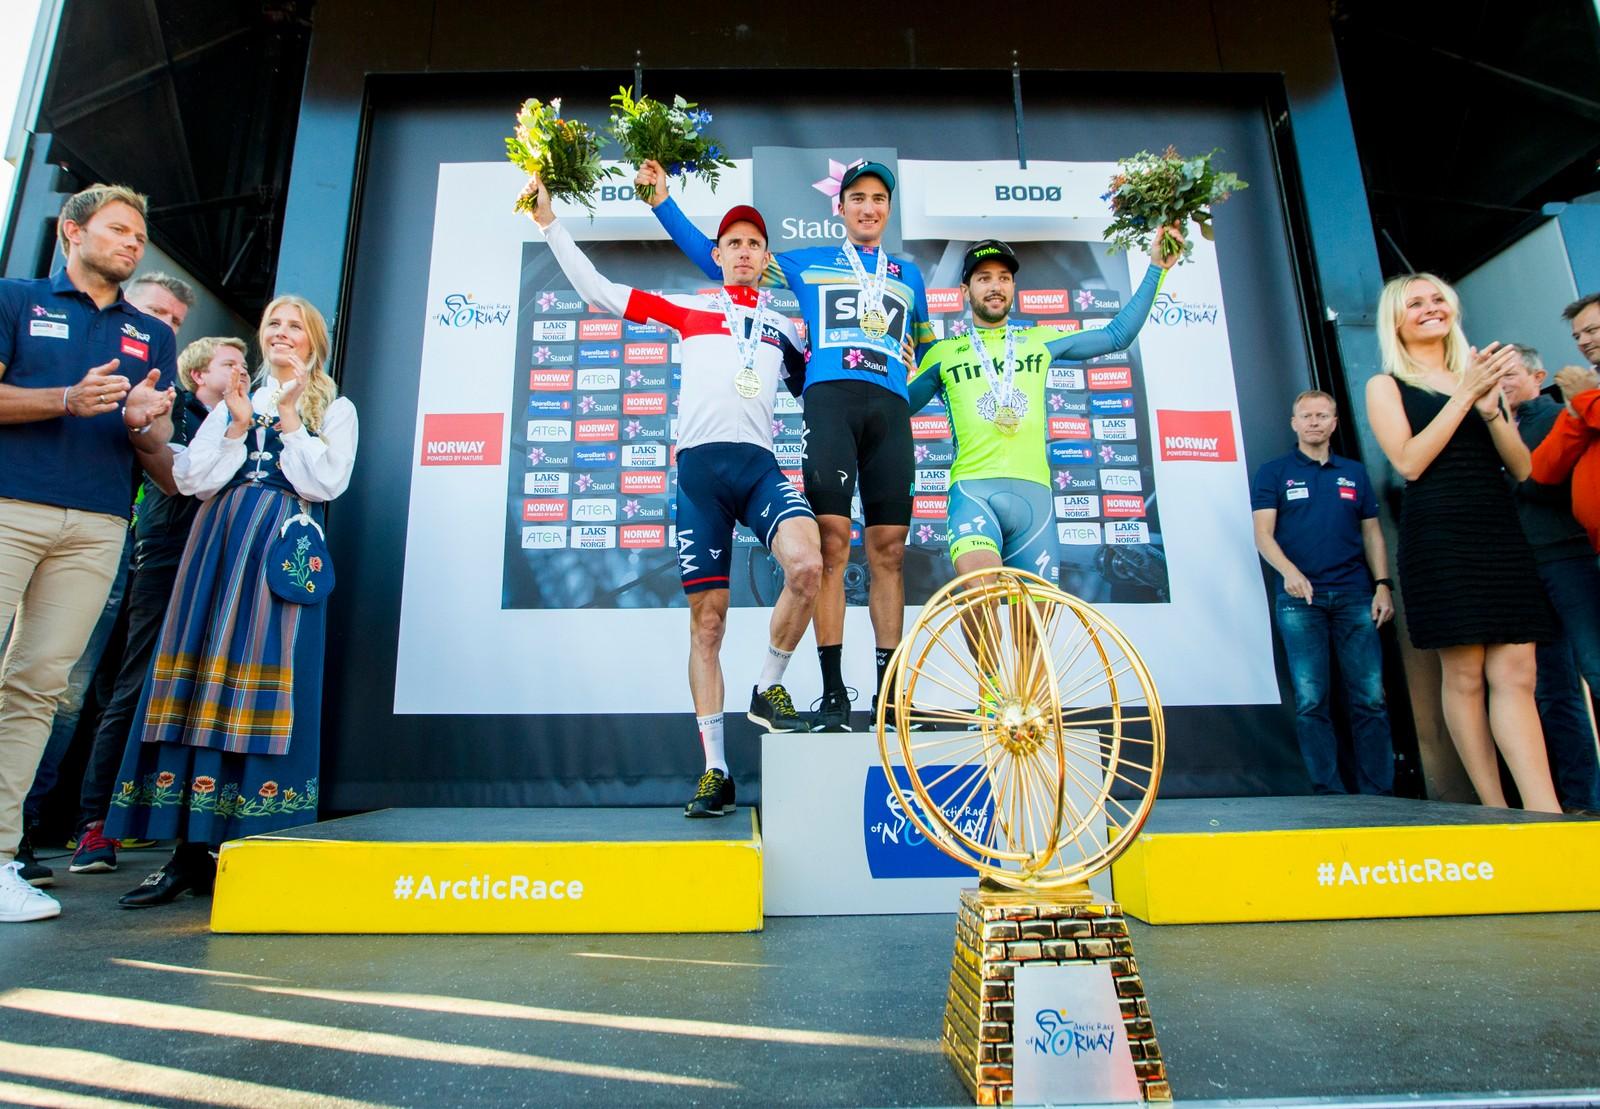 Gianni Moscon fra Italia (Team Sky) med den blå sammenlagttrøyen og Arctic Race-trofeet etter fjerde og siste etappe i sykkelrittet Arctic Race of Norway søndag. Stef Clement (IAM) kom på 2.-plass, mens Oscar Gatto (Tinkoff) kom på 3.-plass.